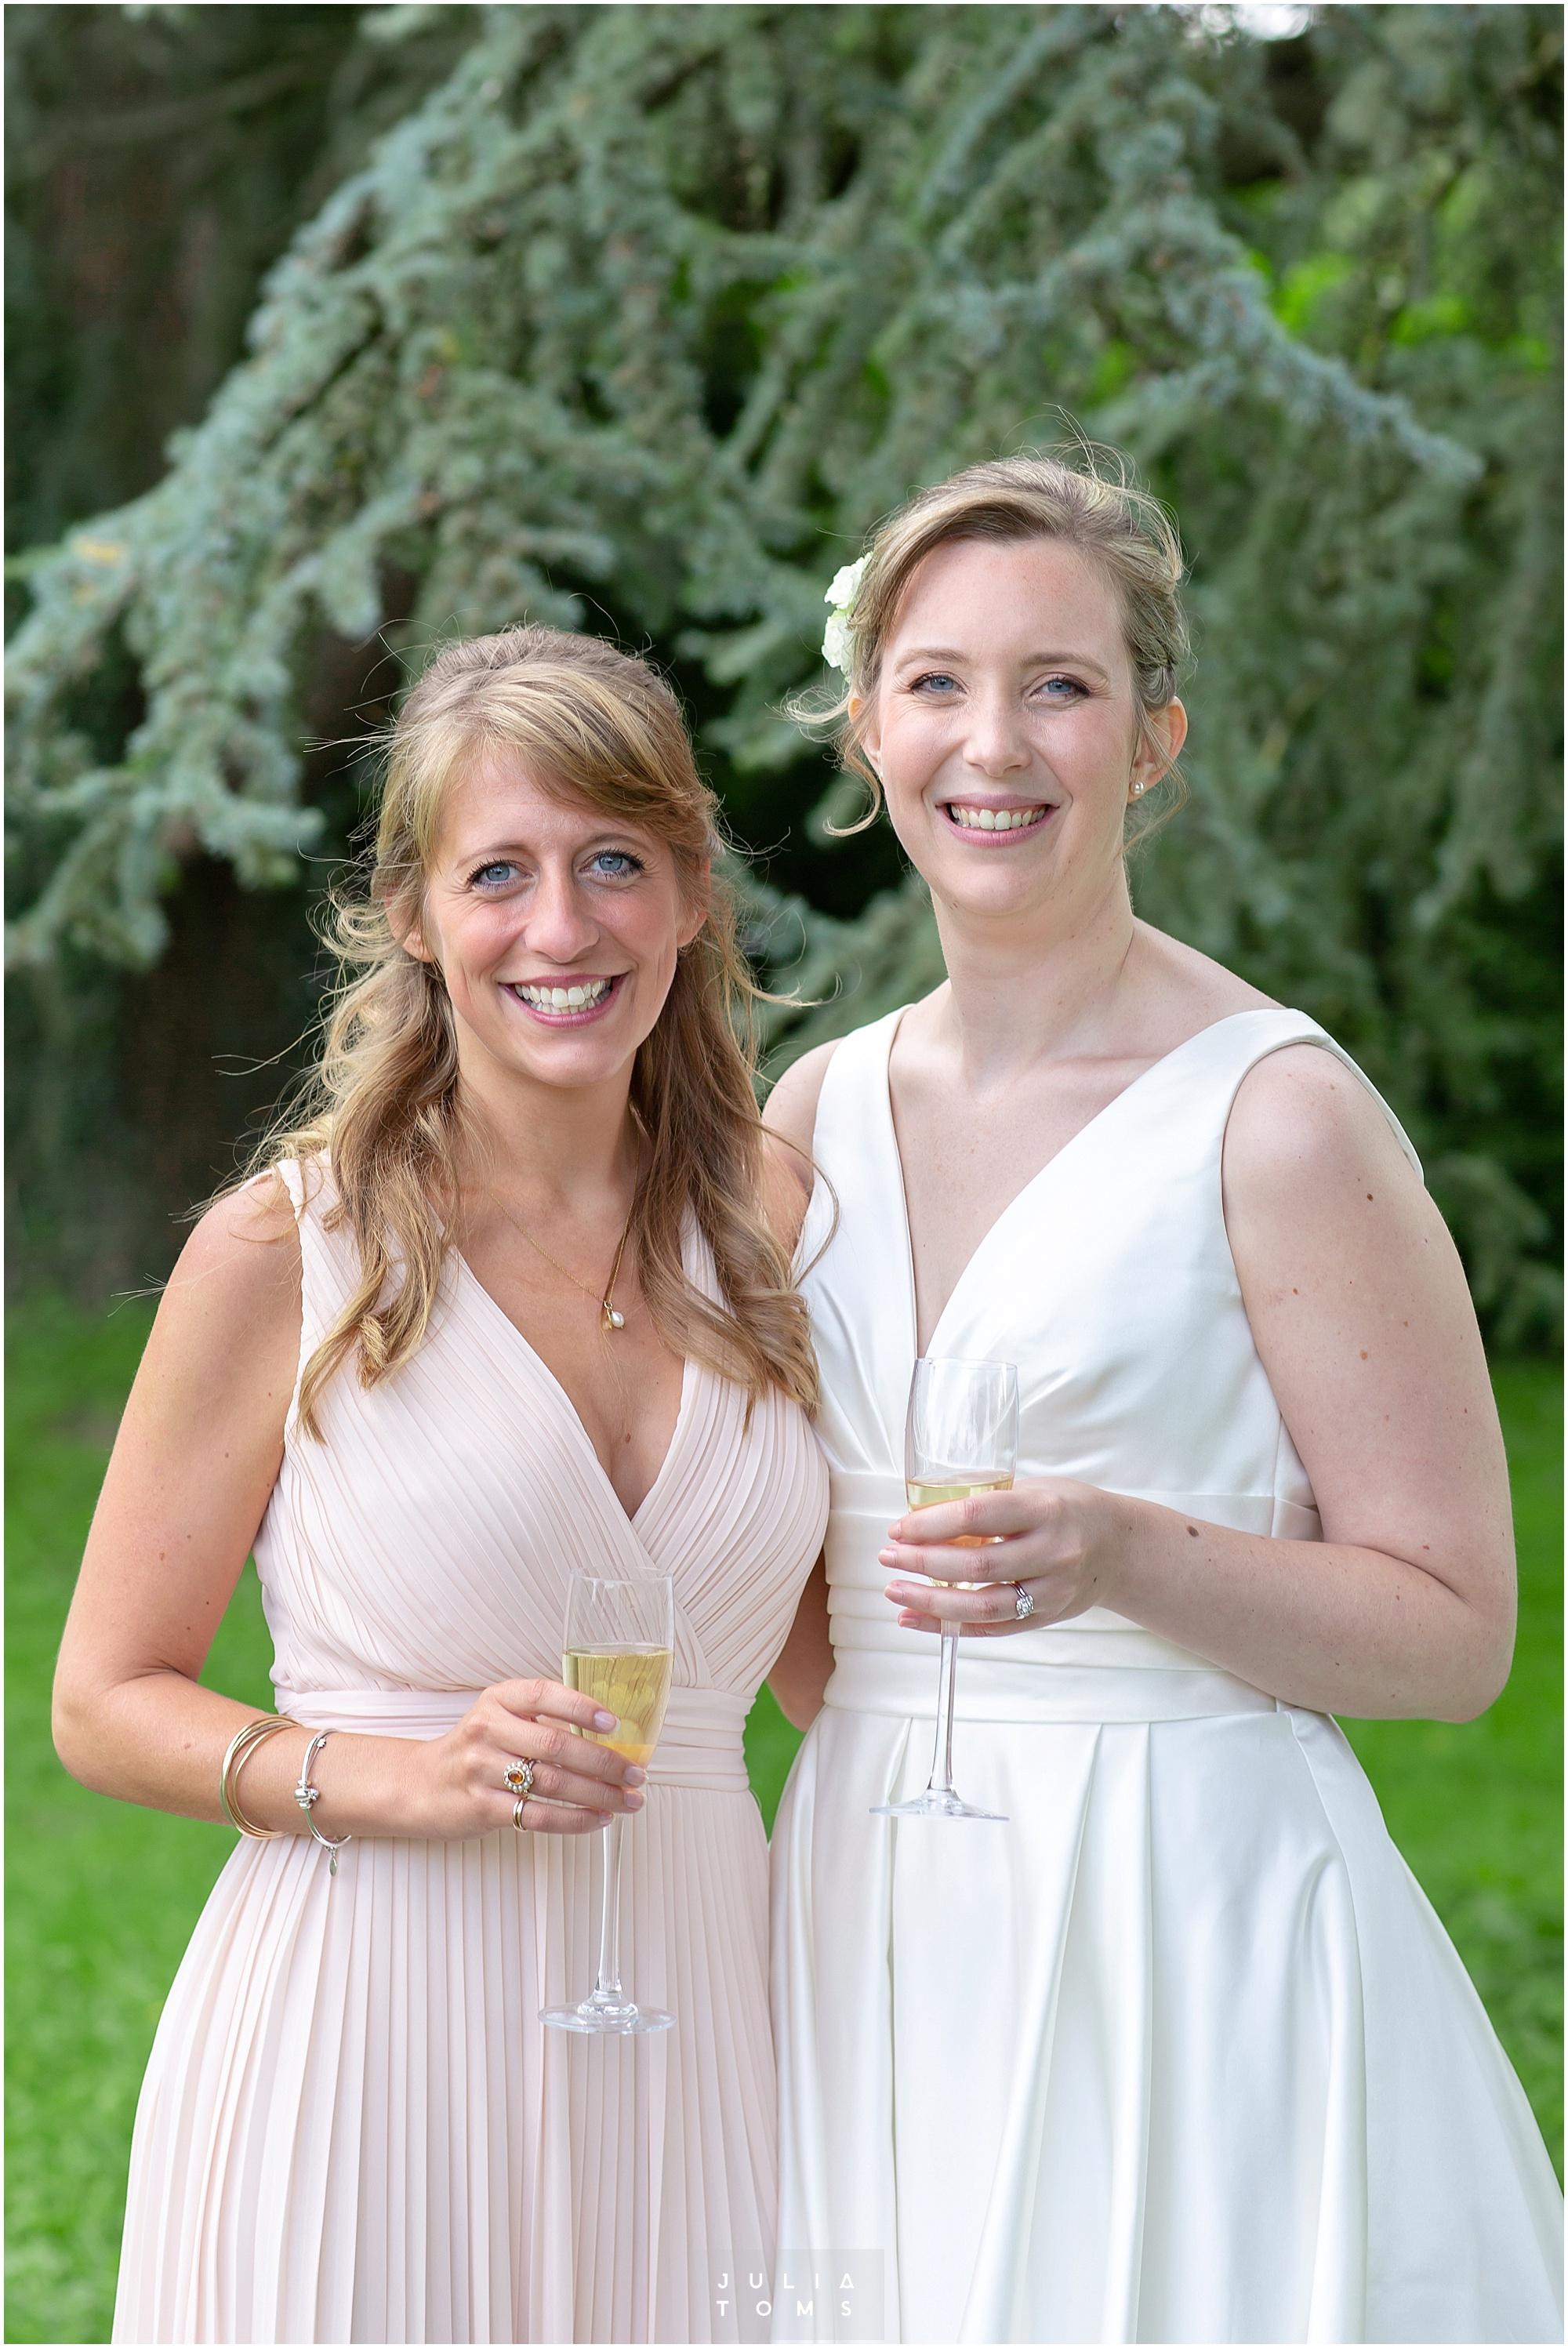 westsussex_wedding_photographer_westdean_102.jpg